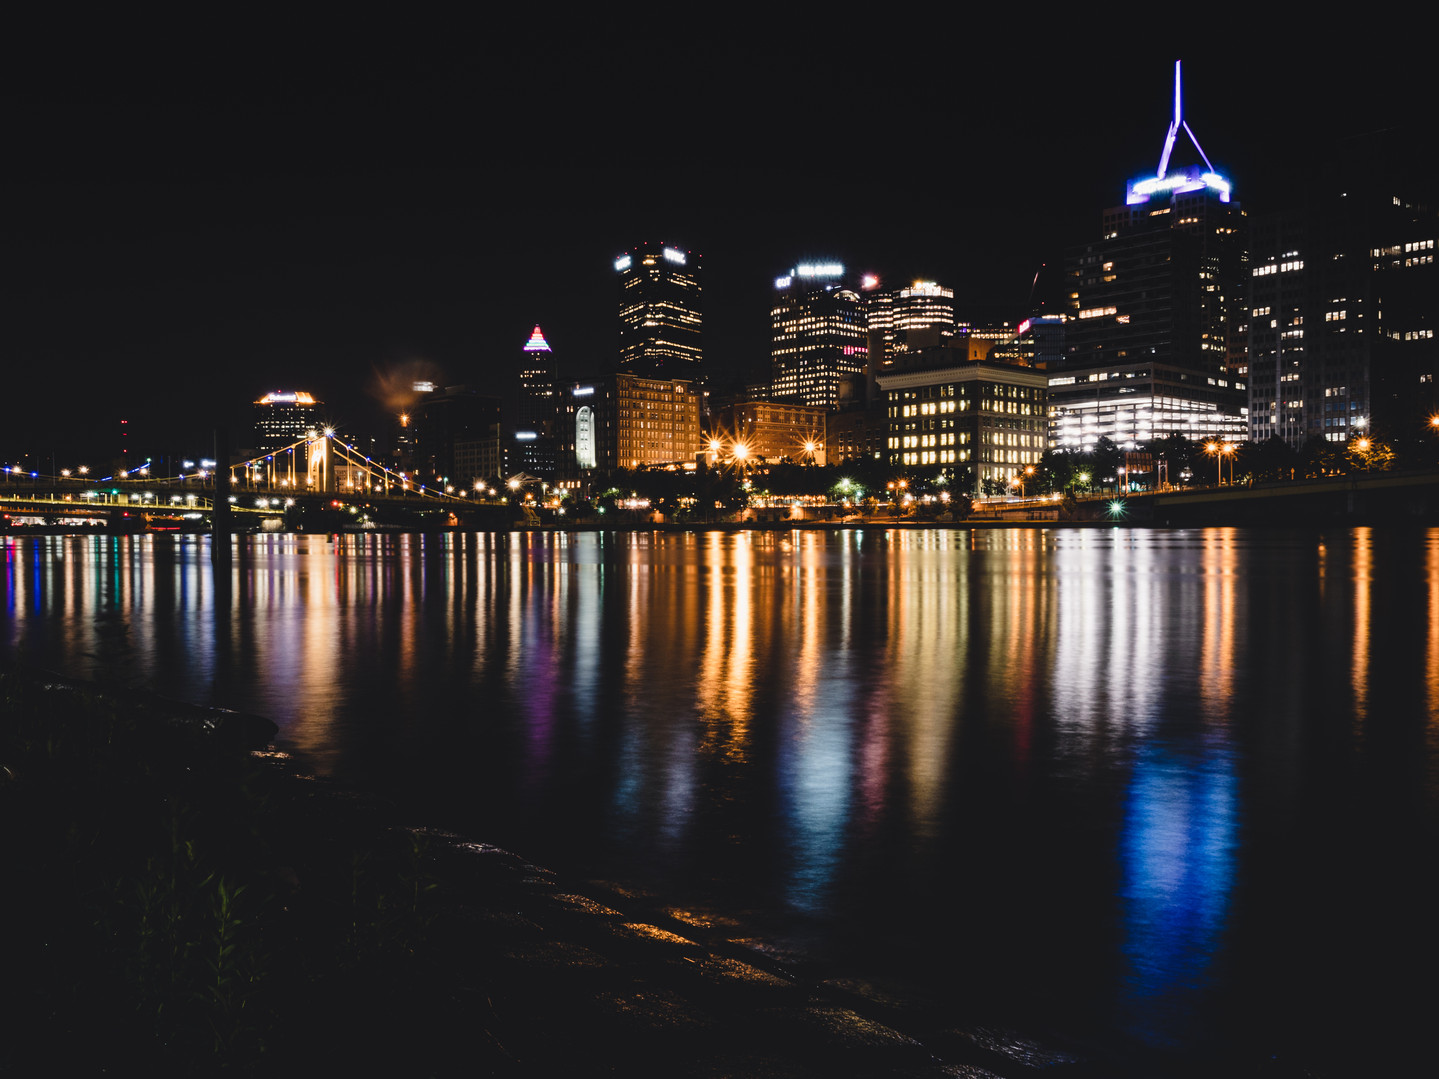 The Riverbank At Night